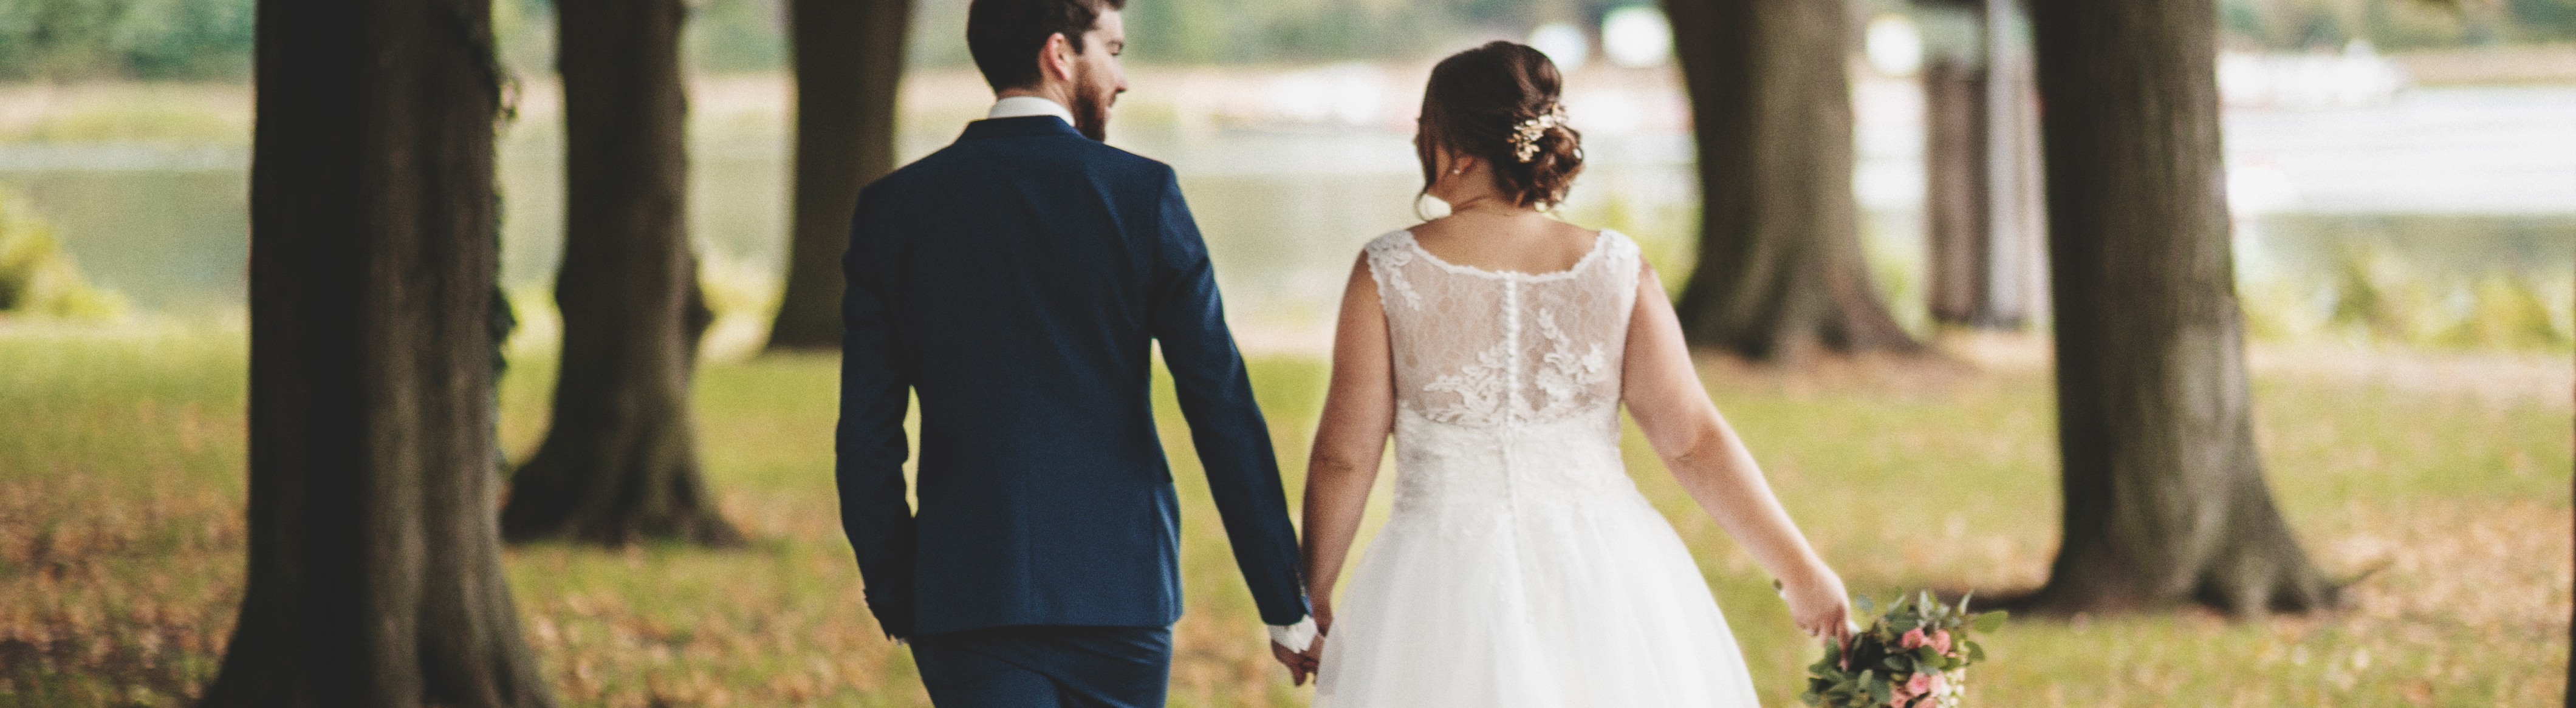 Hochzeitspaar von hinten, laufen unter Laubbäumen in Richtung See